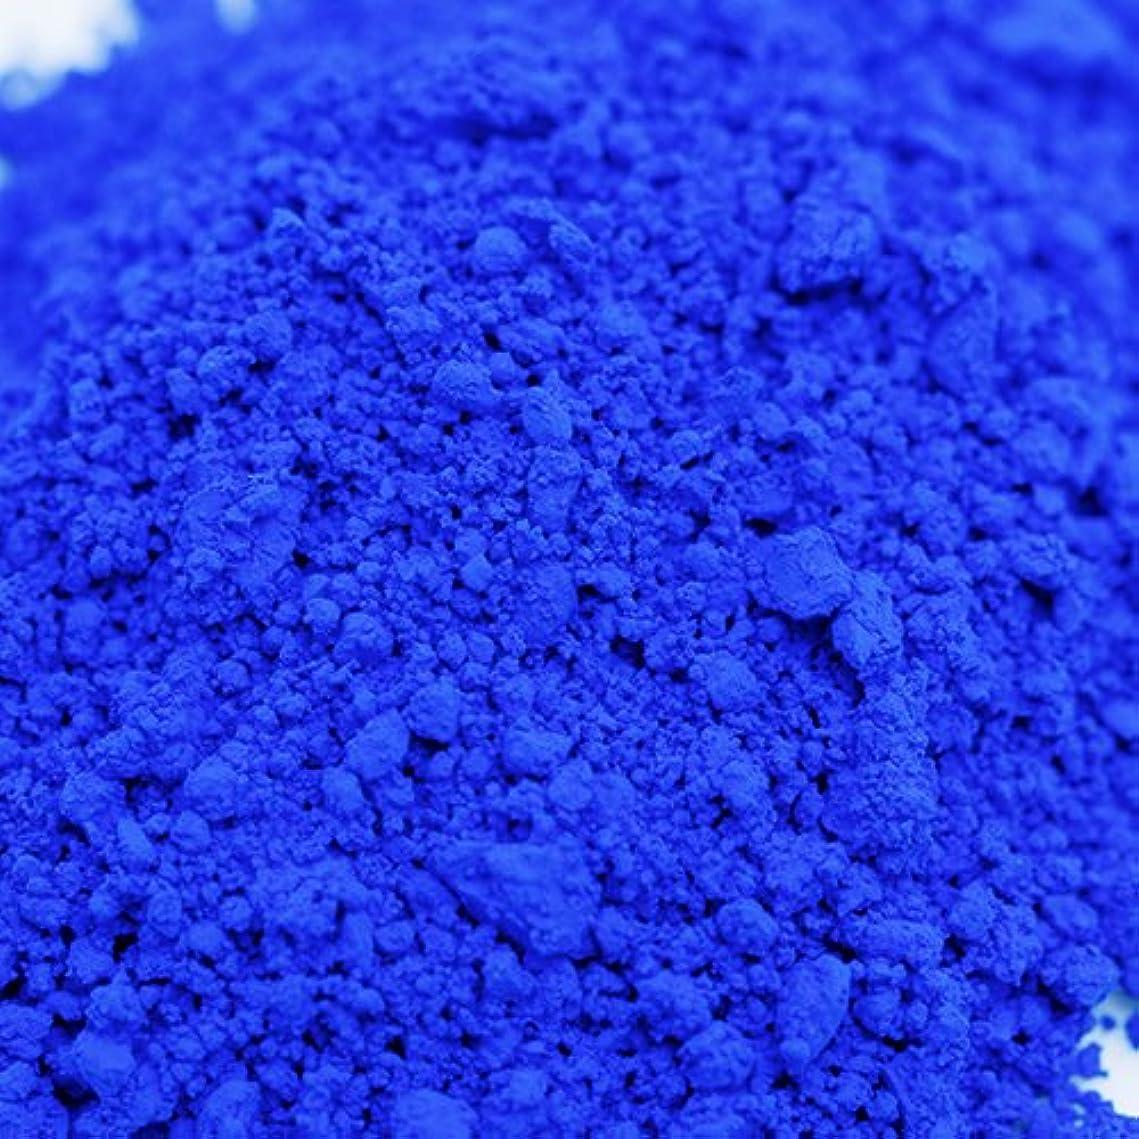 統計うがい薬悪行ウルトラマリン ブルー 20g 【手作り石鹸/手作りコスメ/色付け/カラーラント/青】